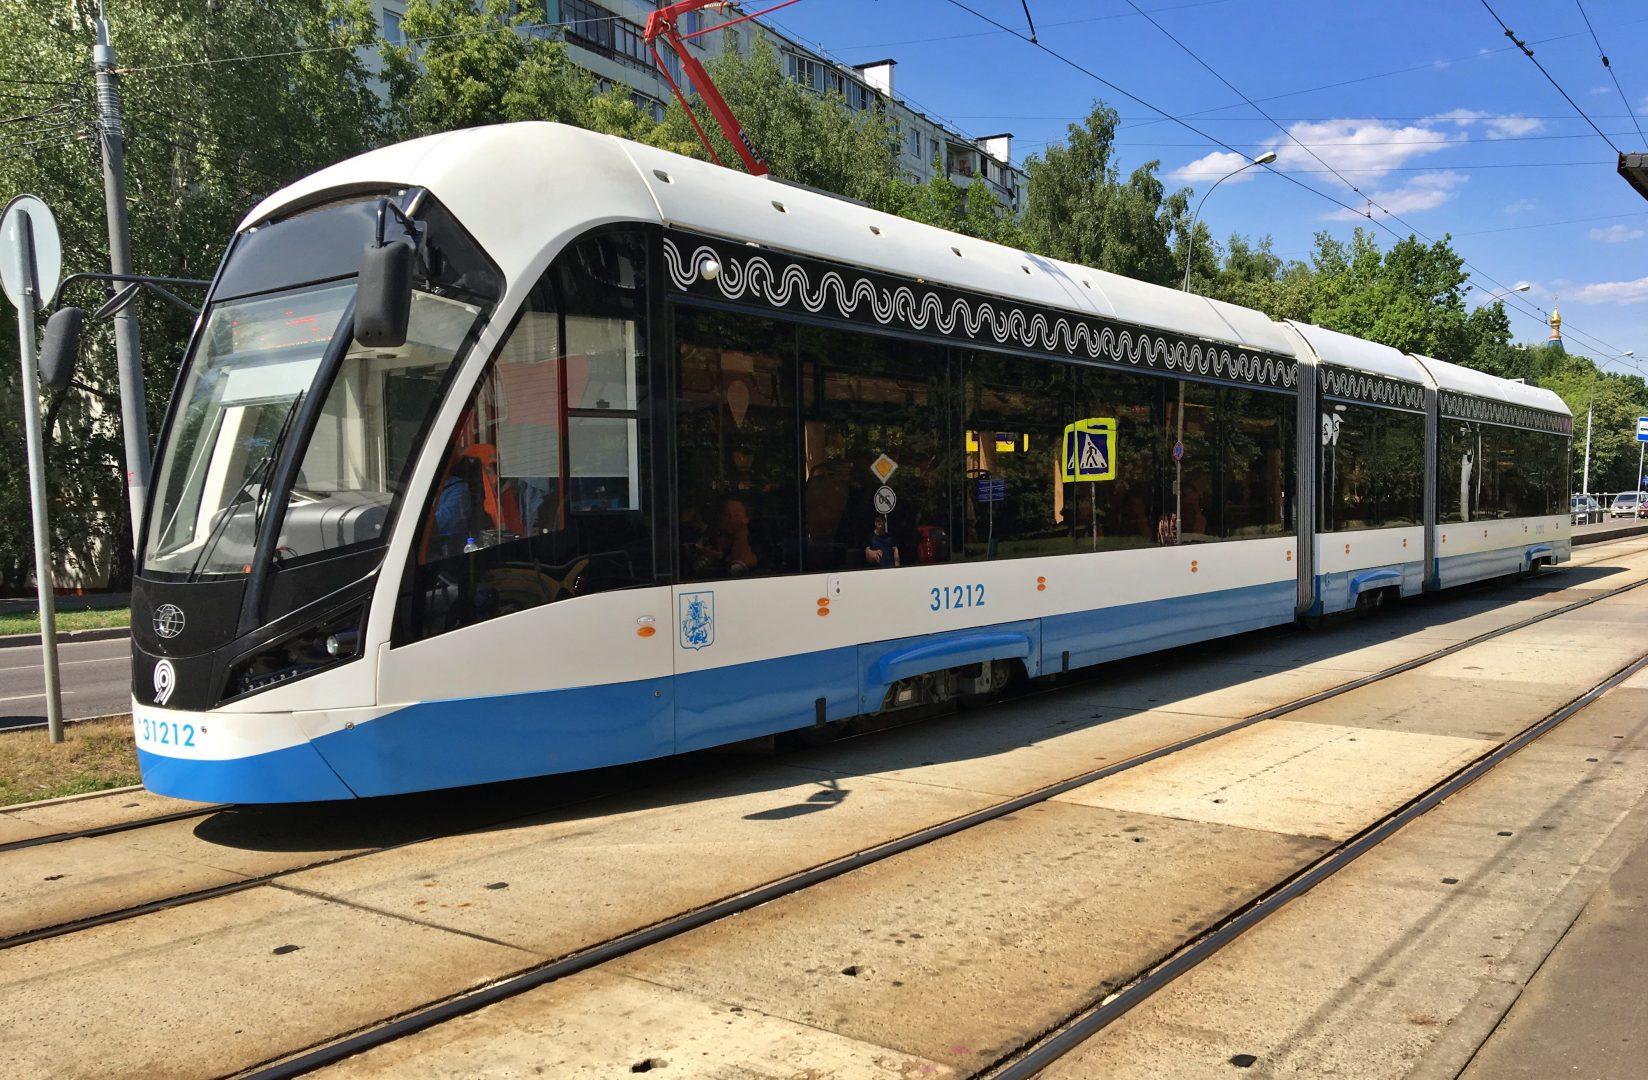 Депутат МГД Титов: Москва будет развивать новый вид транспорта — скоростной трамвай. Фото: Анна Быкова